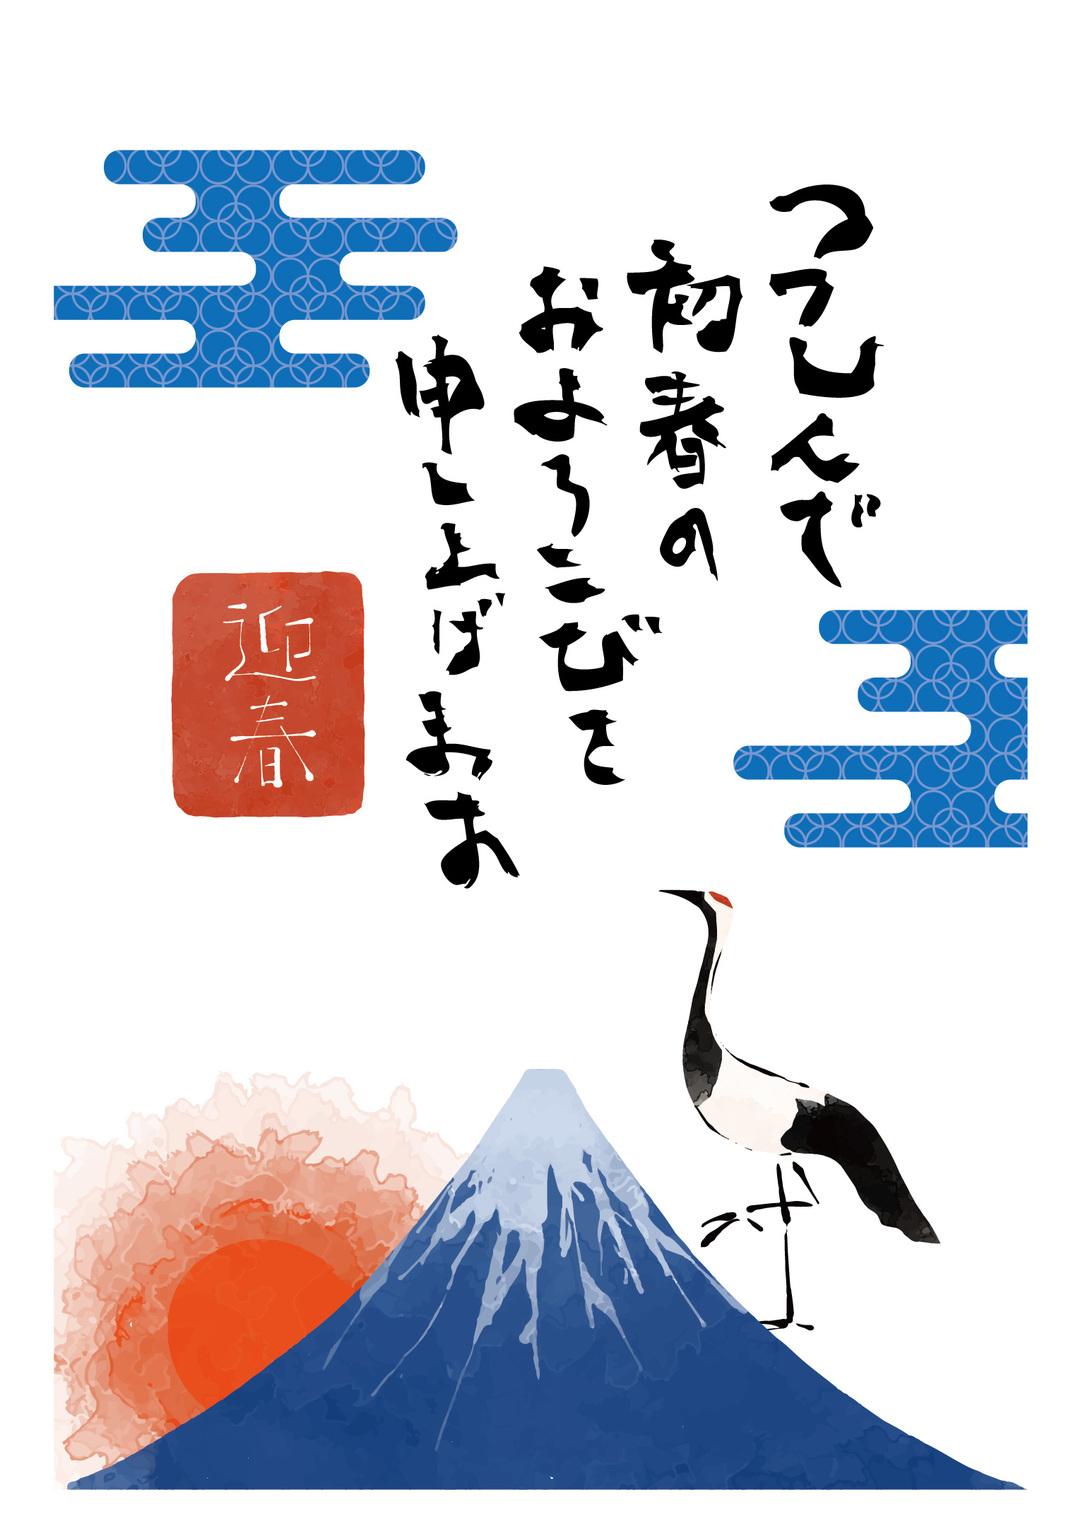 迎春(JPEG,PNG,EPS)